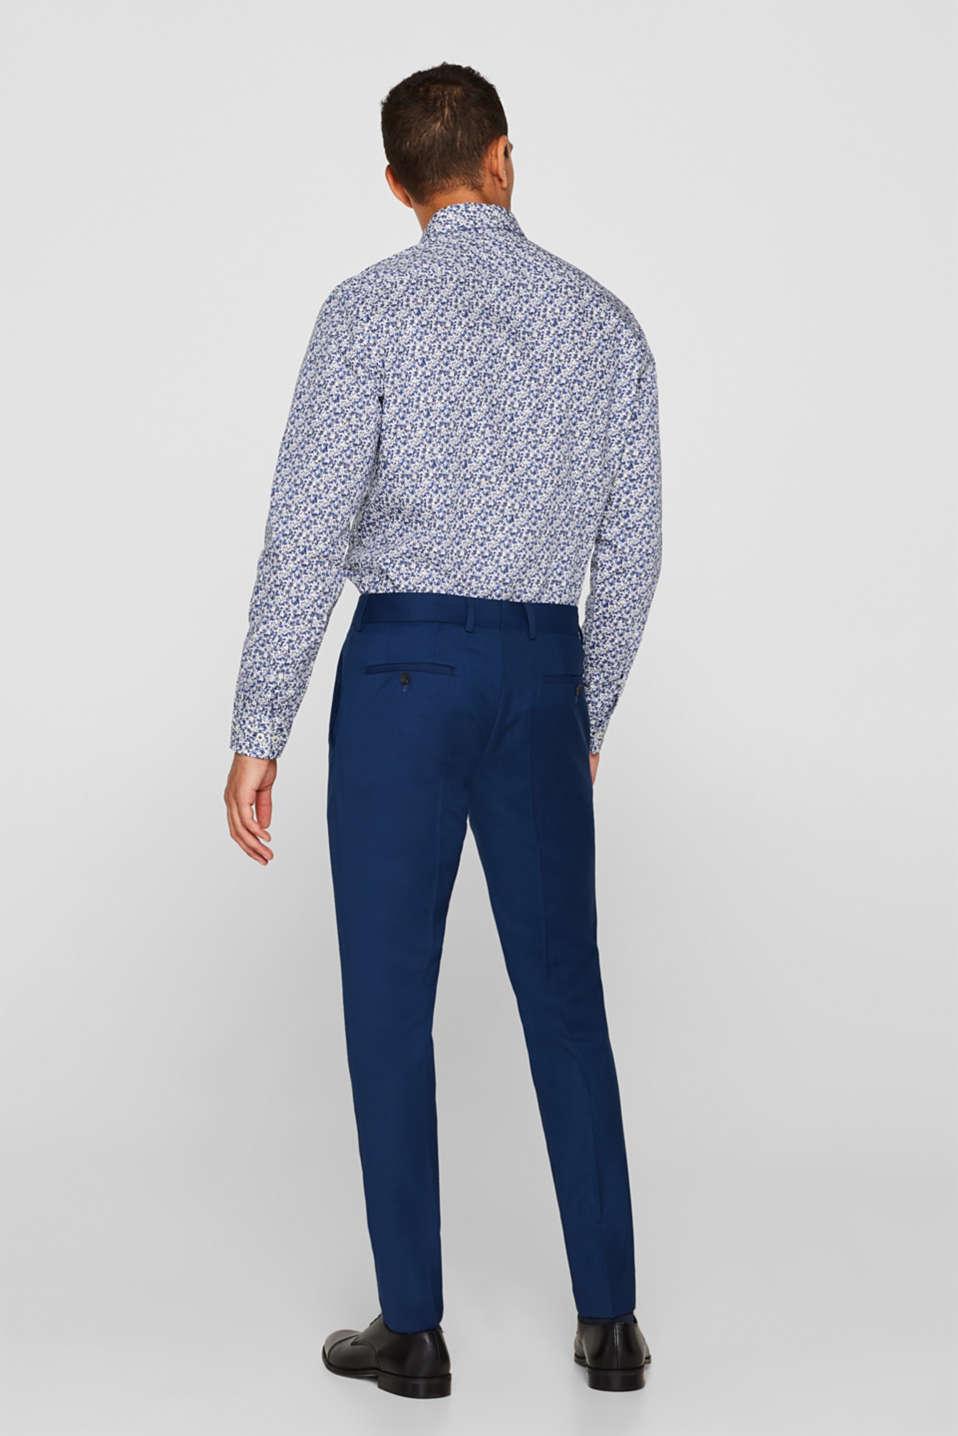 Pants suit, BLUE, detail image number 1